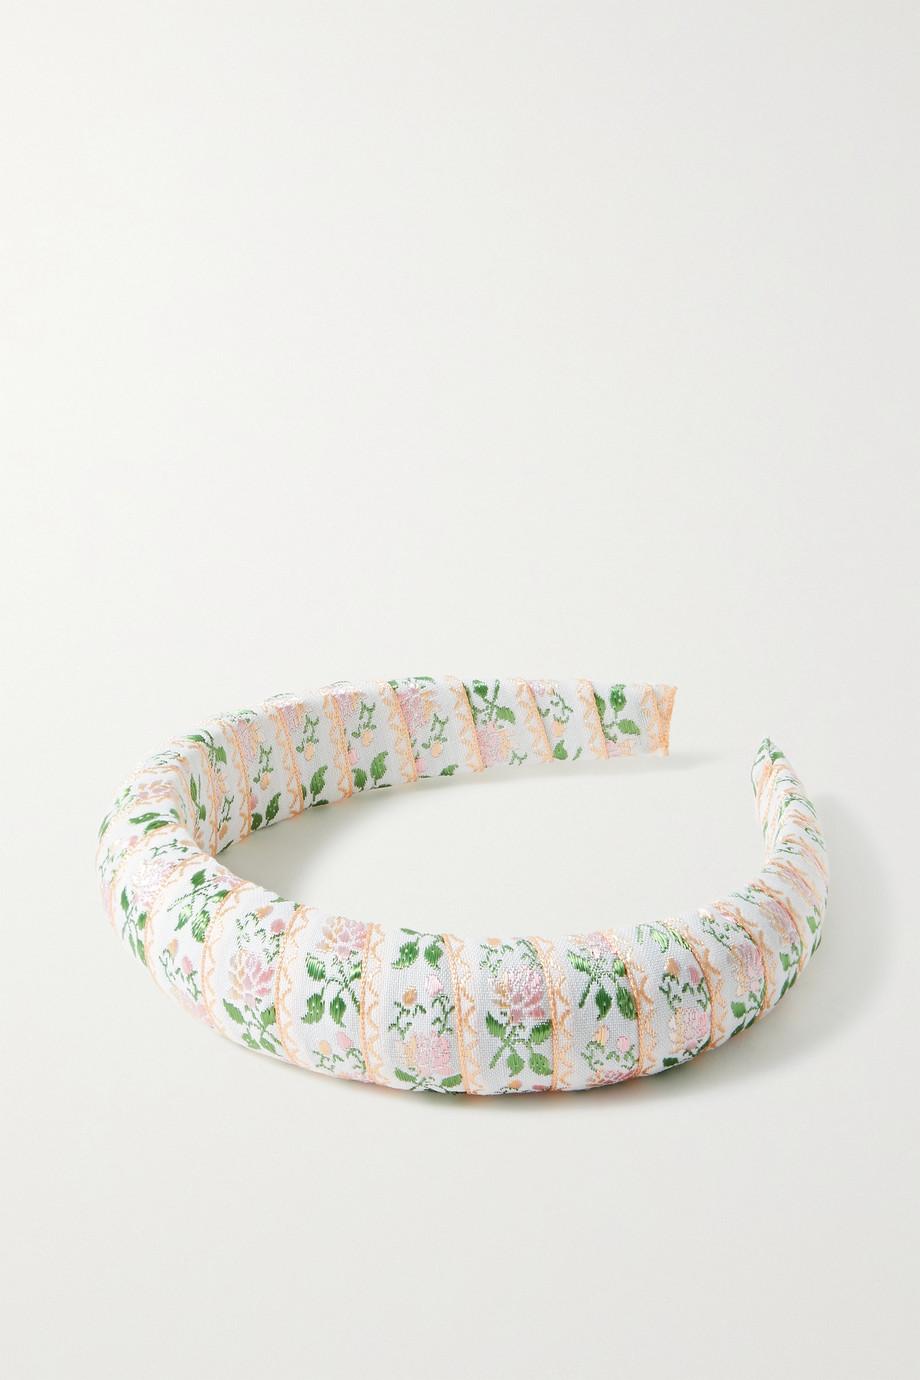 LELET NY Elsie jacquard headband